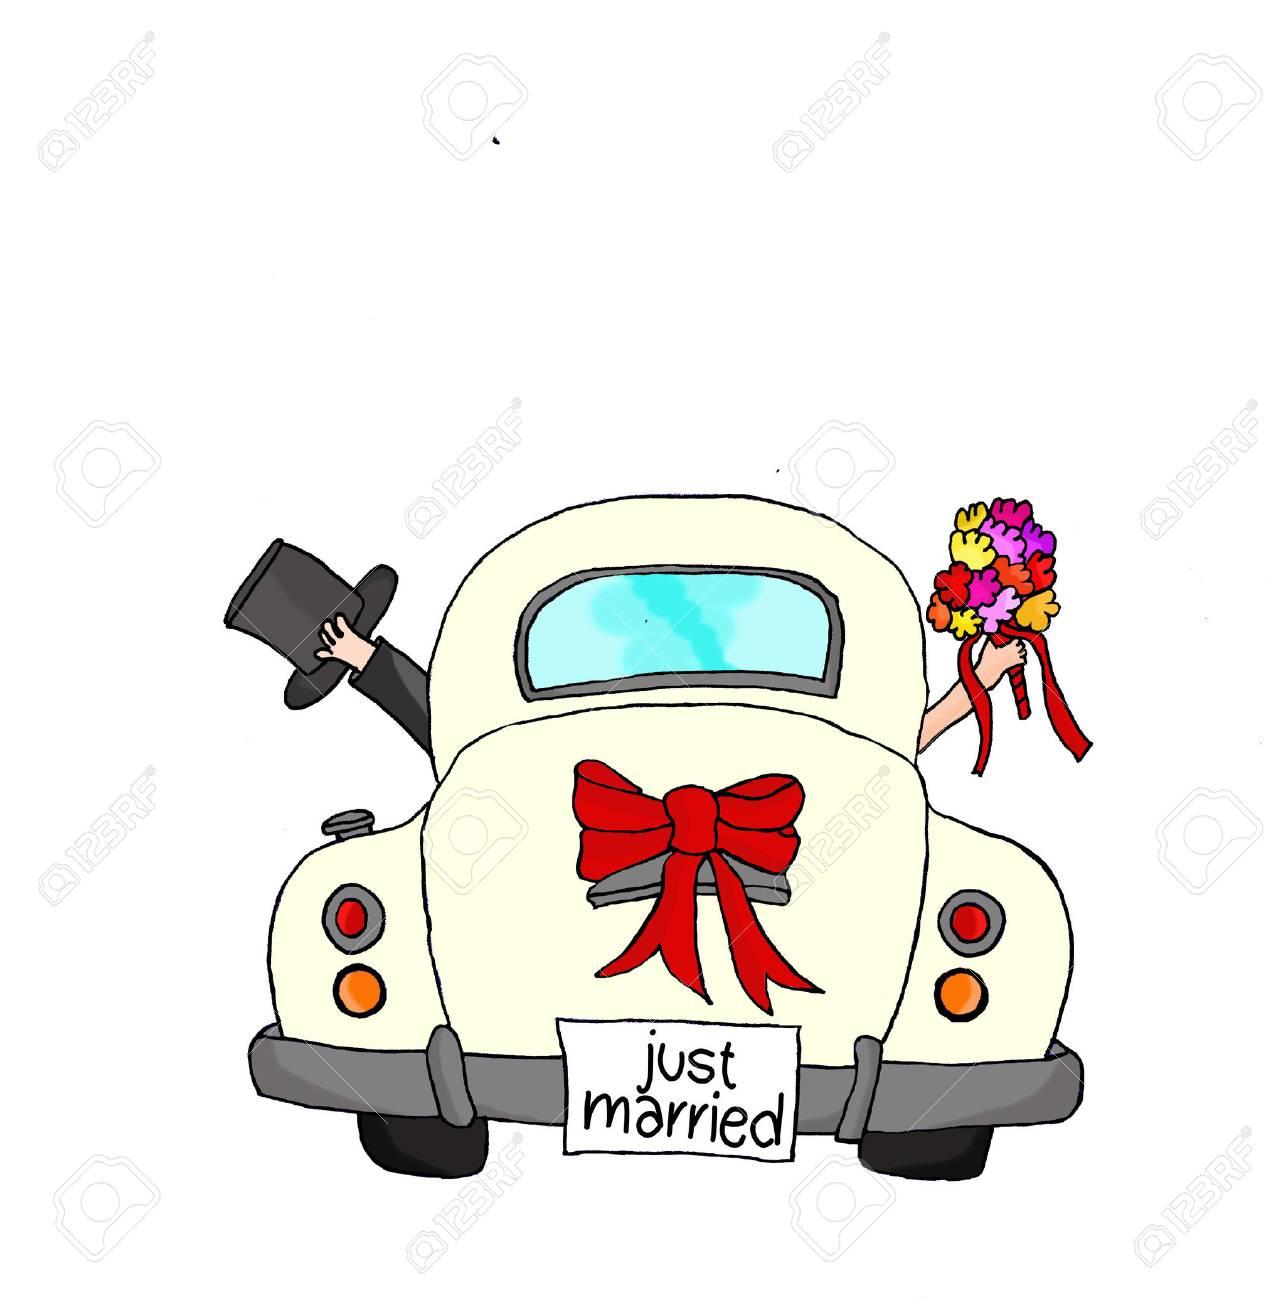 Hochzeitsauto just married vorlage